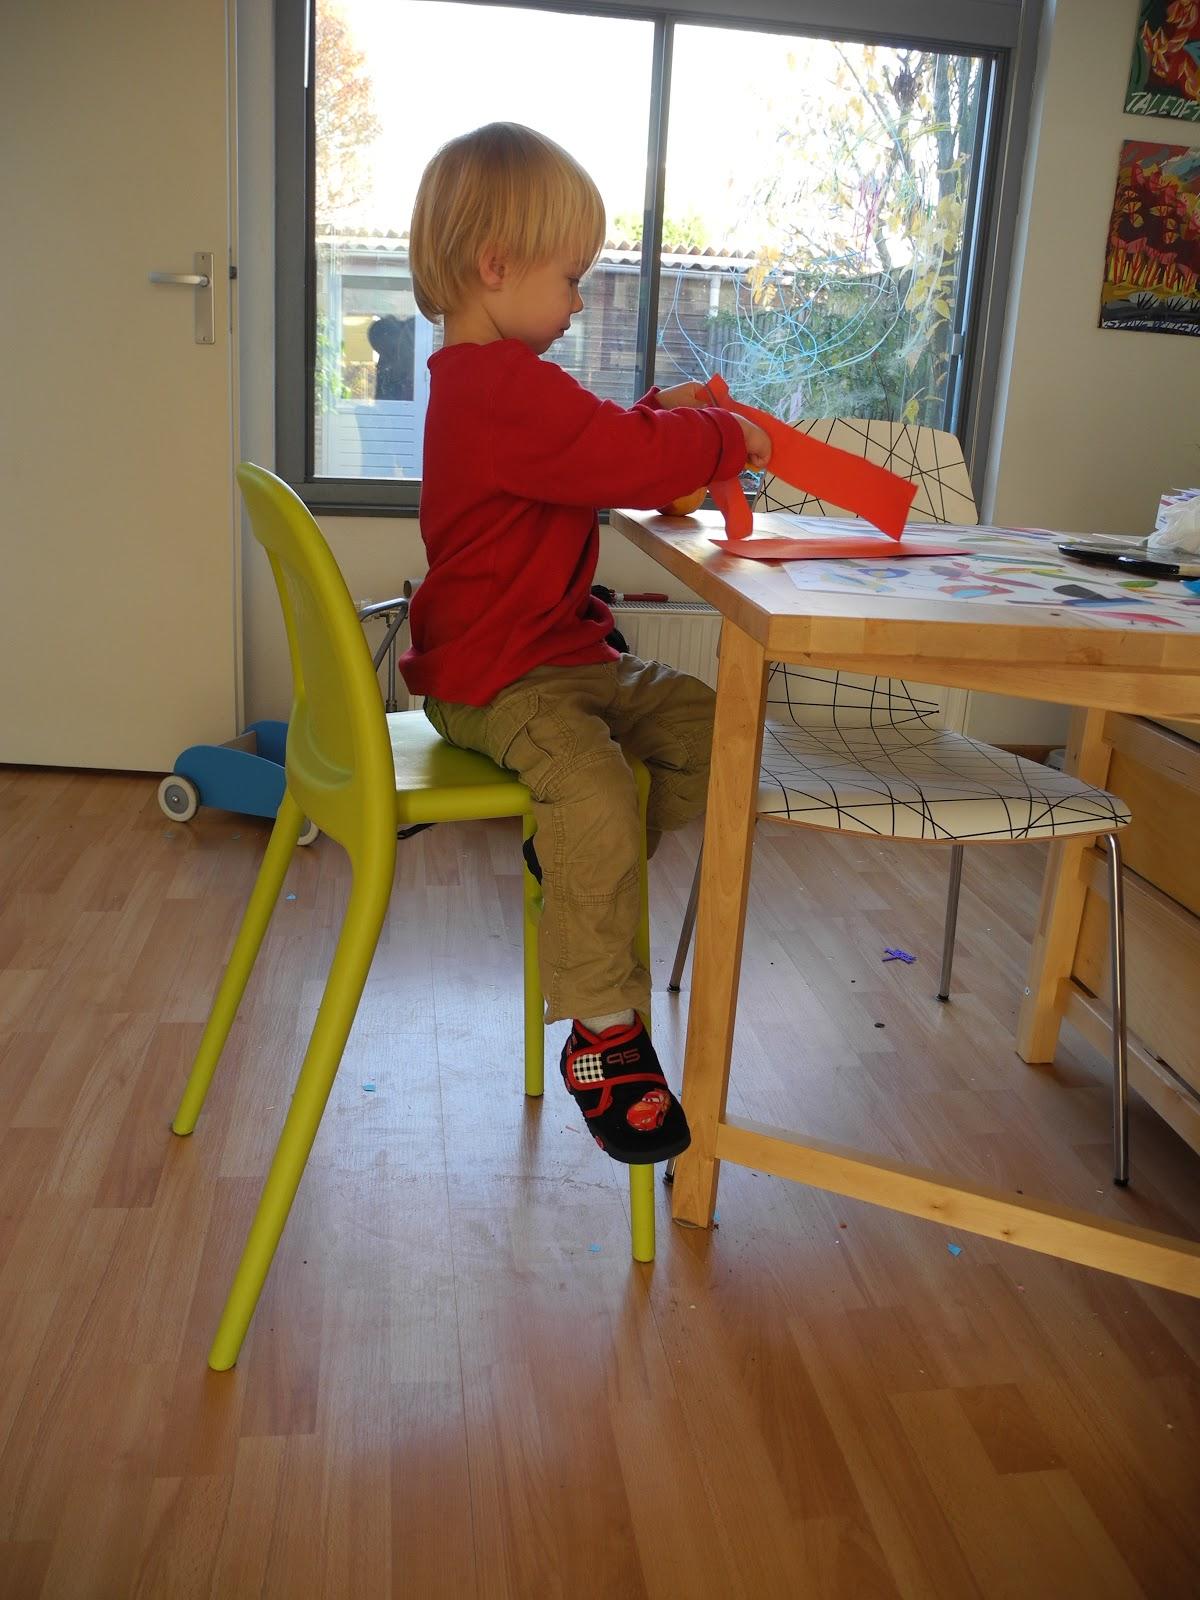 Ikea Junior Desk Chair Covers For Living Room Furniture Ace The Adventure Vrijdag Urban Juniorstoel